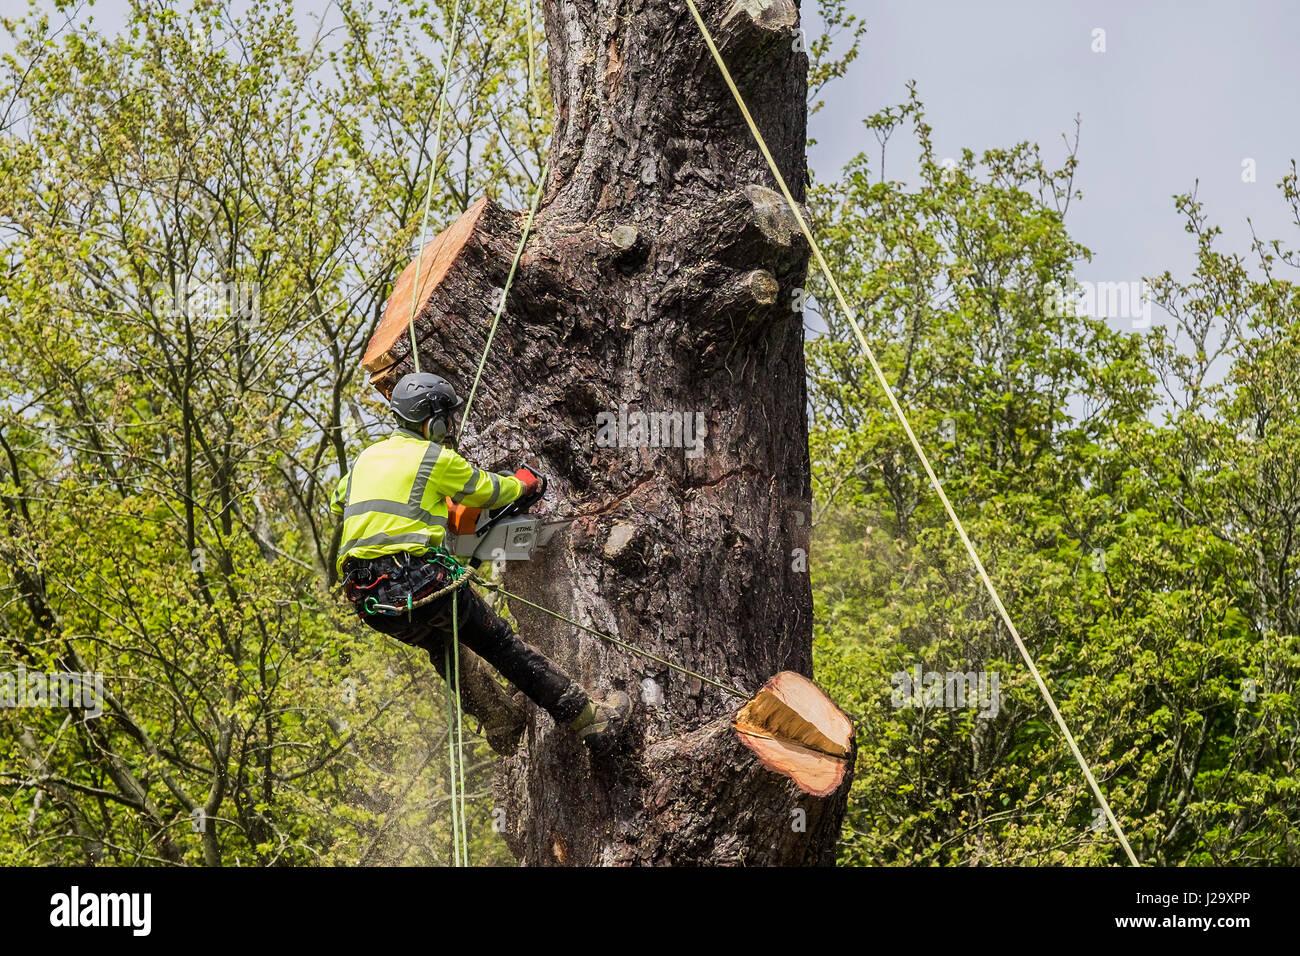 Tree chirurgo taglio basso albero Arboricoltura Arboriculturist occupazione pericoloso lavorare in altezza utilizzando Immagini Stock